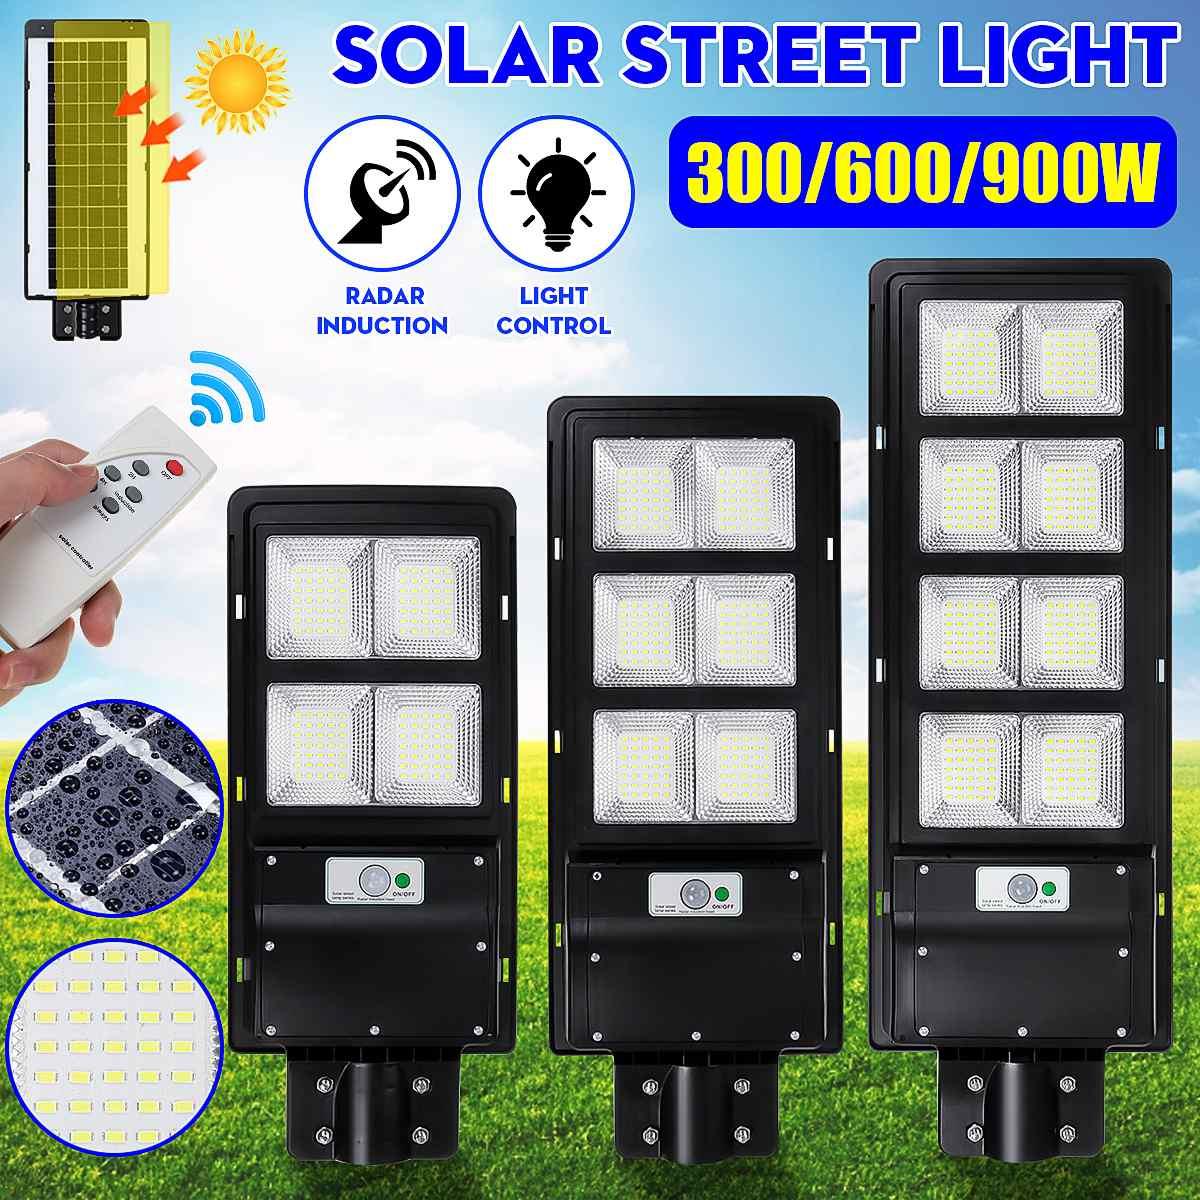 LED Solar Straße Licht IP67 Outdoor Plaza Beleuchtung Mit Fernbedienung Motion Sensor Wand Licht 300W 600W 900W für Home Garten